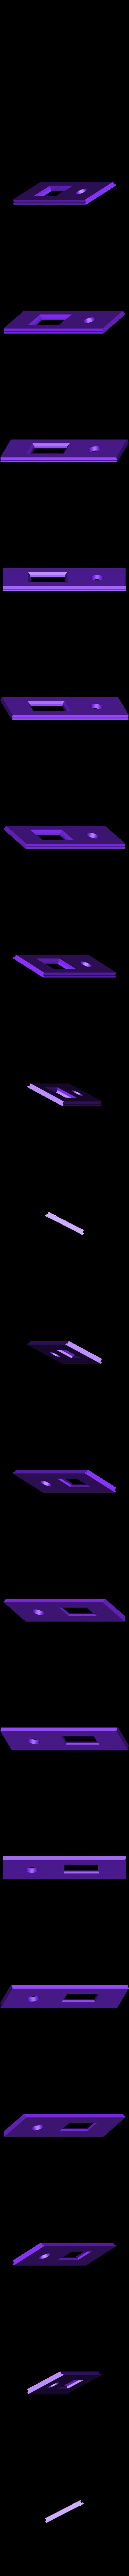 case_panel_2B.STL Télécharger fichier STL gratuit Gobelet rotatif • Plan à imprimer en 3D, perinski